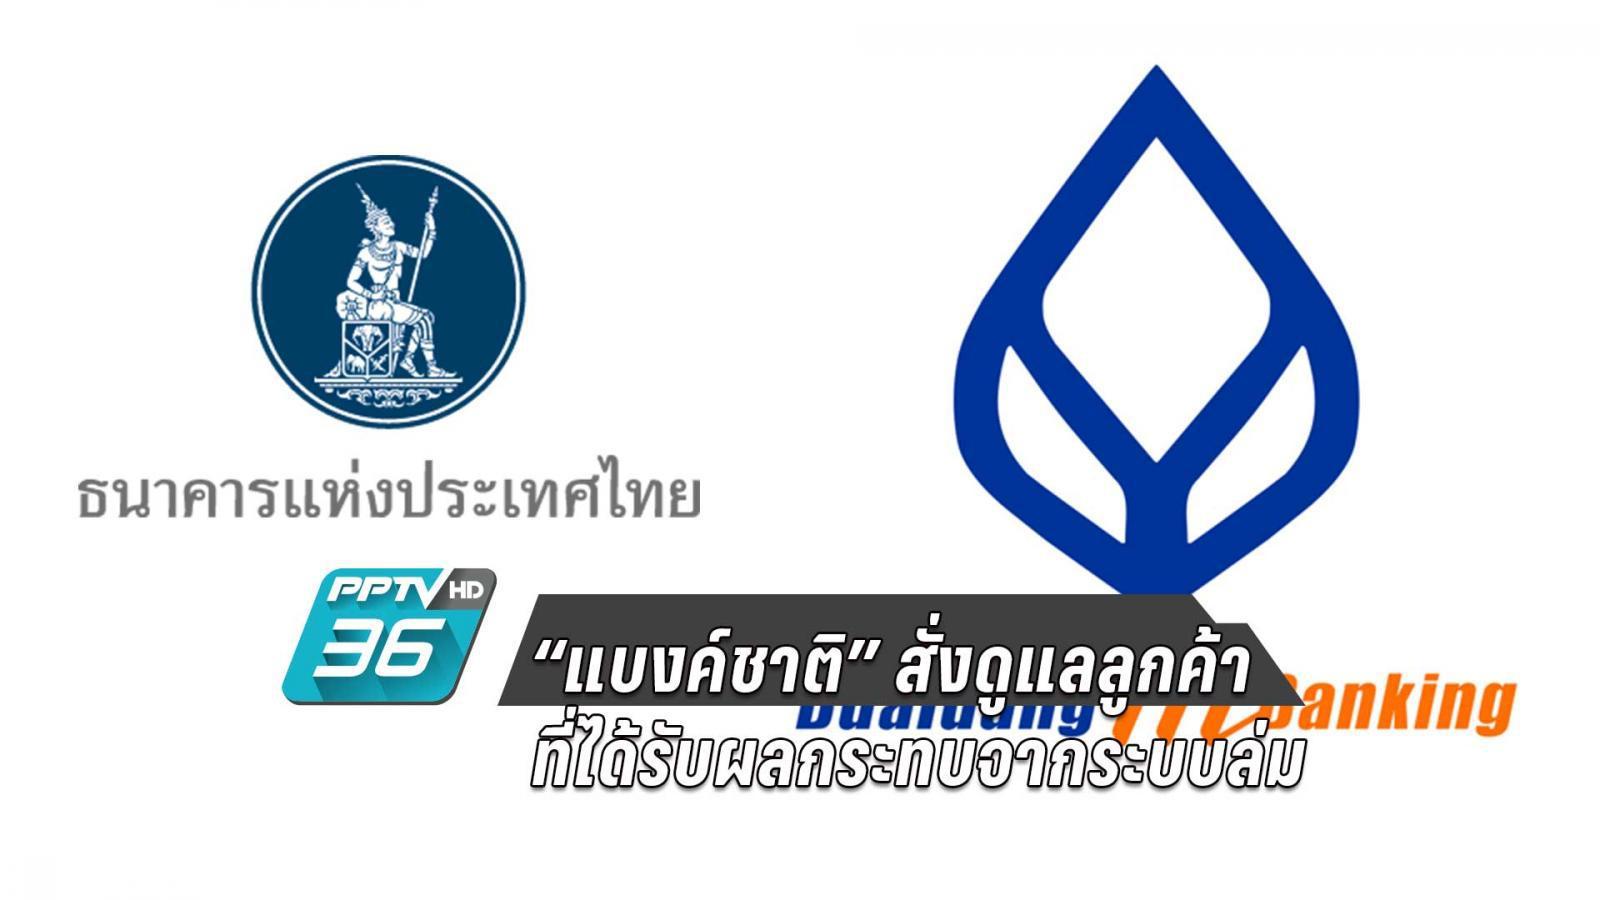 """แบงค์ชาติ"""" สั่งธนาคารกรุงเทพ ดูแลลูกค้าที่ได้รับผลกระทบจากระบบล่ม : PPTVHD36"""